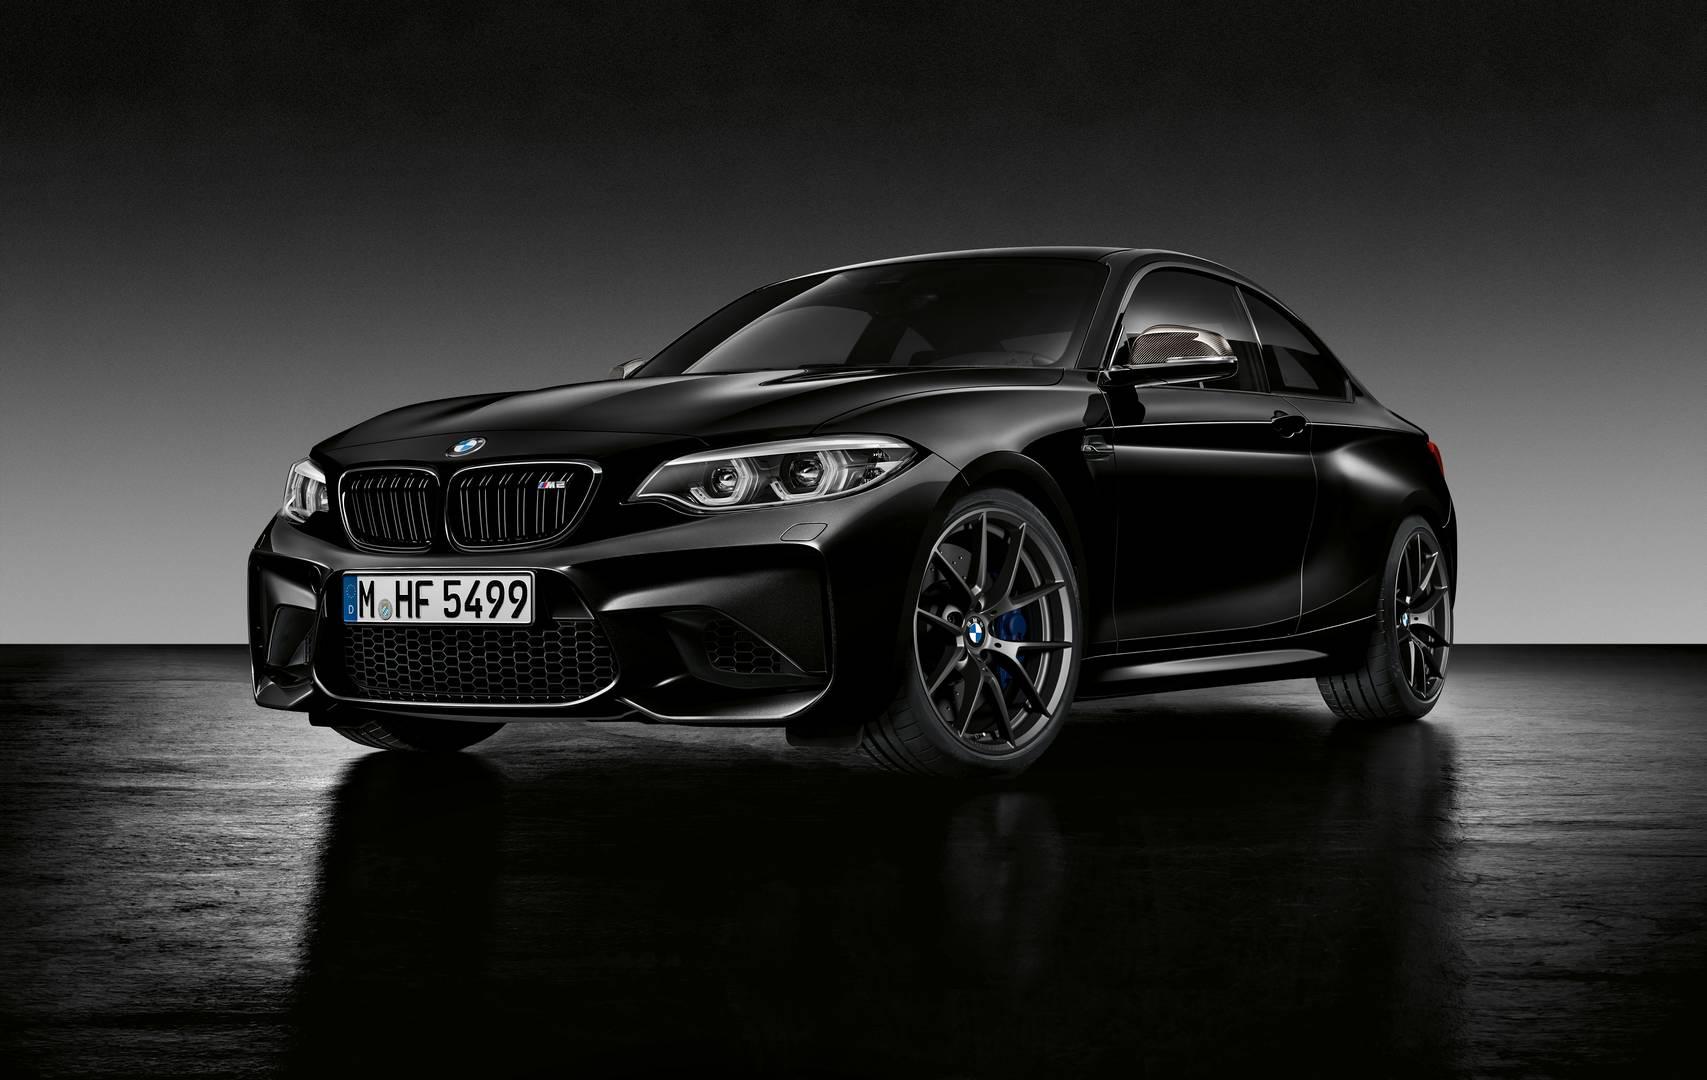 Пресс-релиз BMW показывает, что он продал 12 000 этих карманных ракет всего за один год!